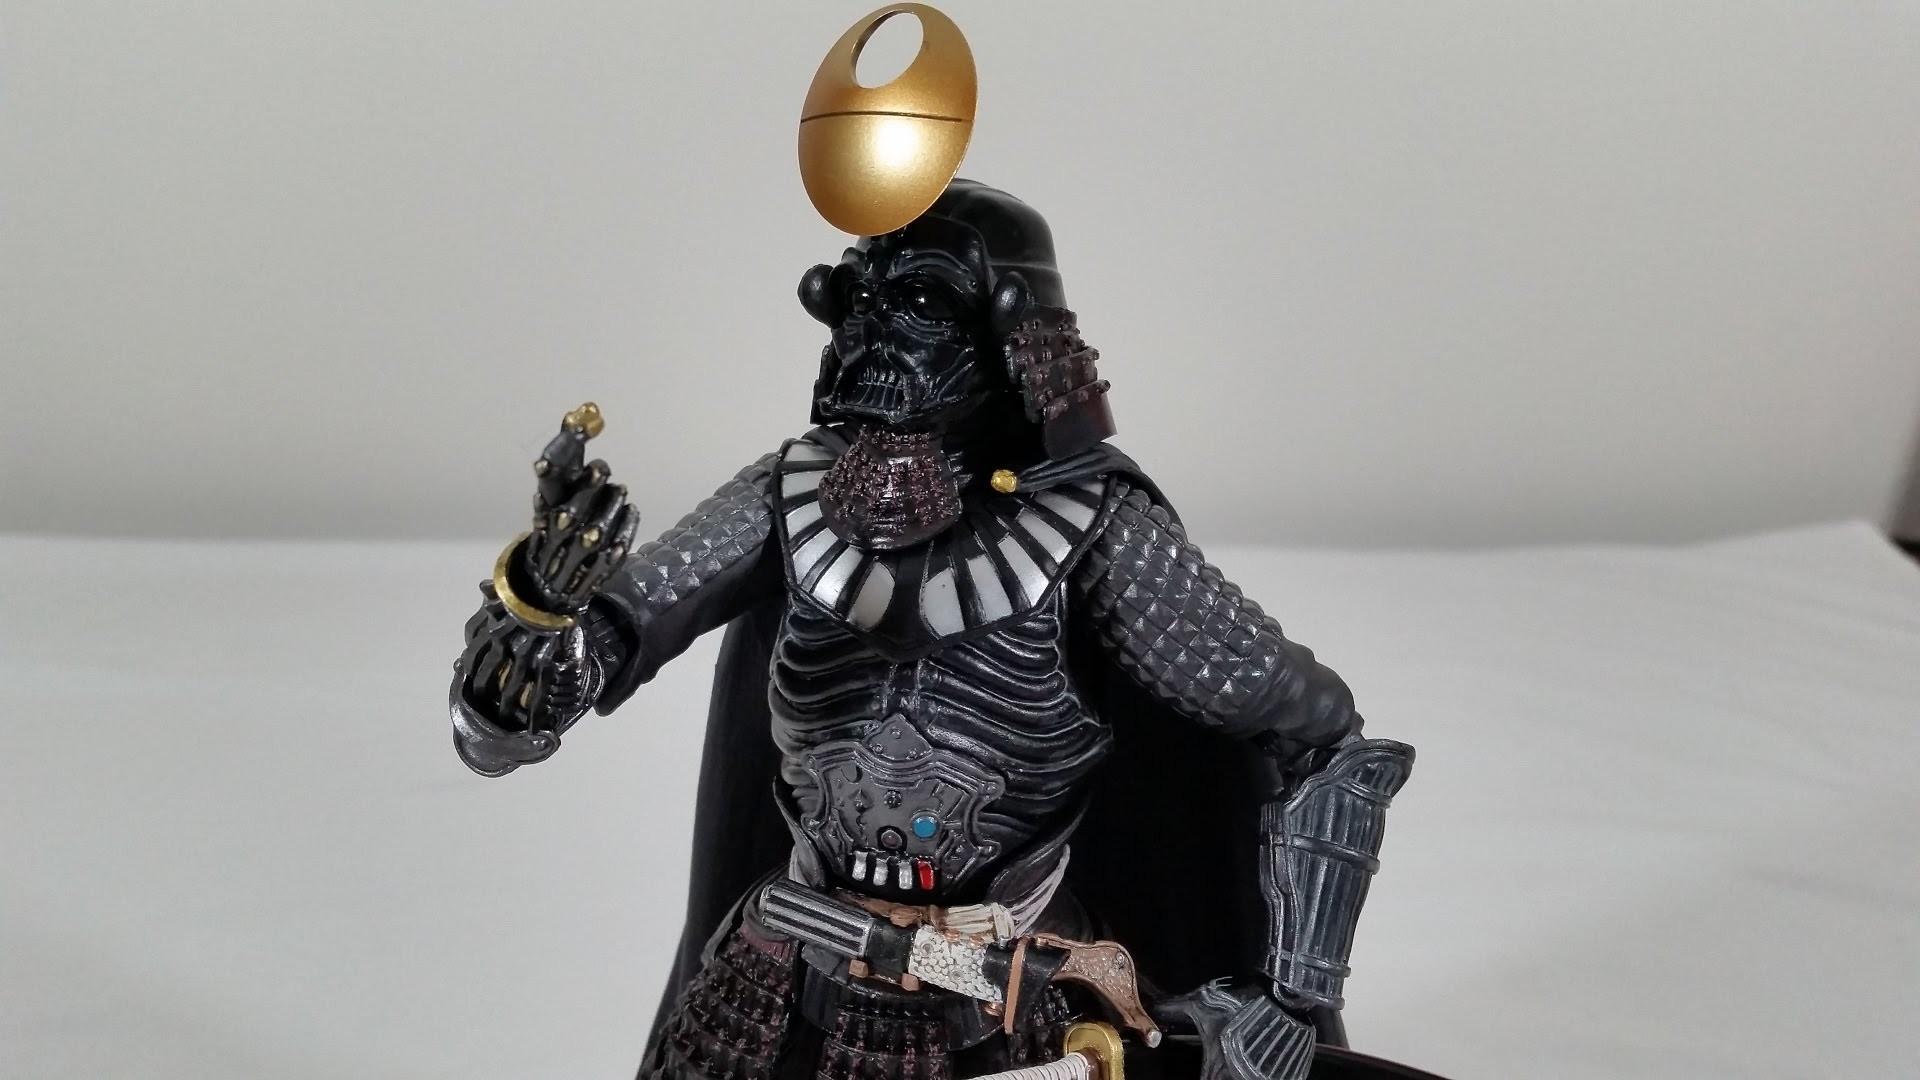 Bandai Star Wars Movie Realization Samurai Taisho Darth Vader (Death Star  Armor)